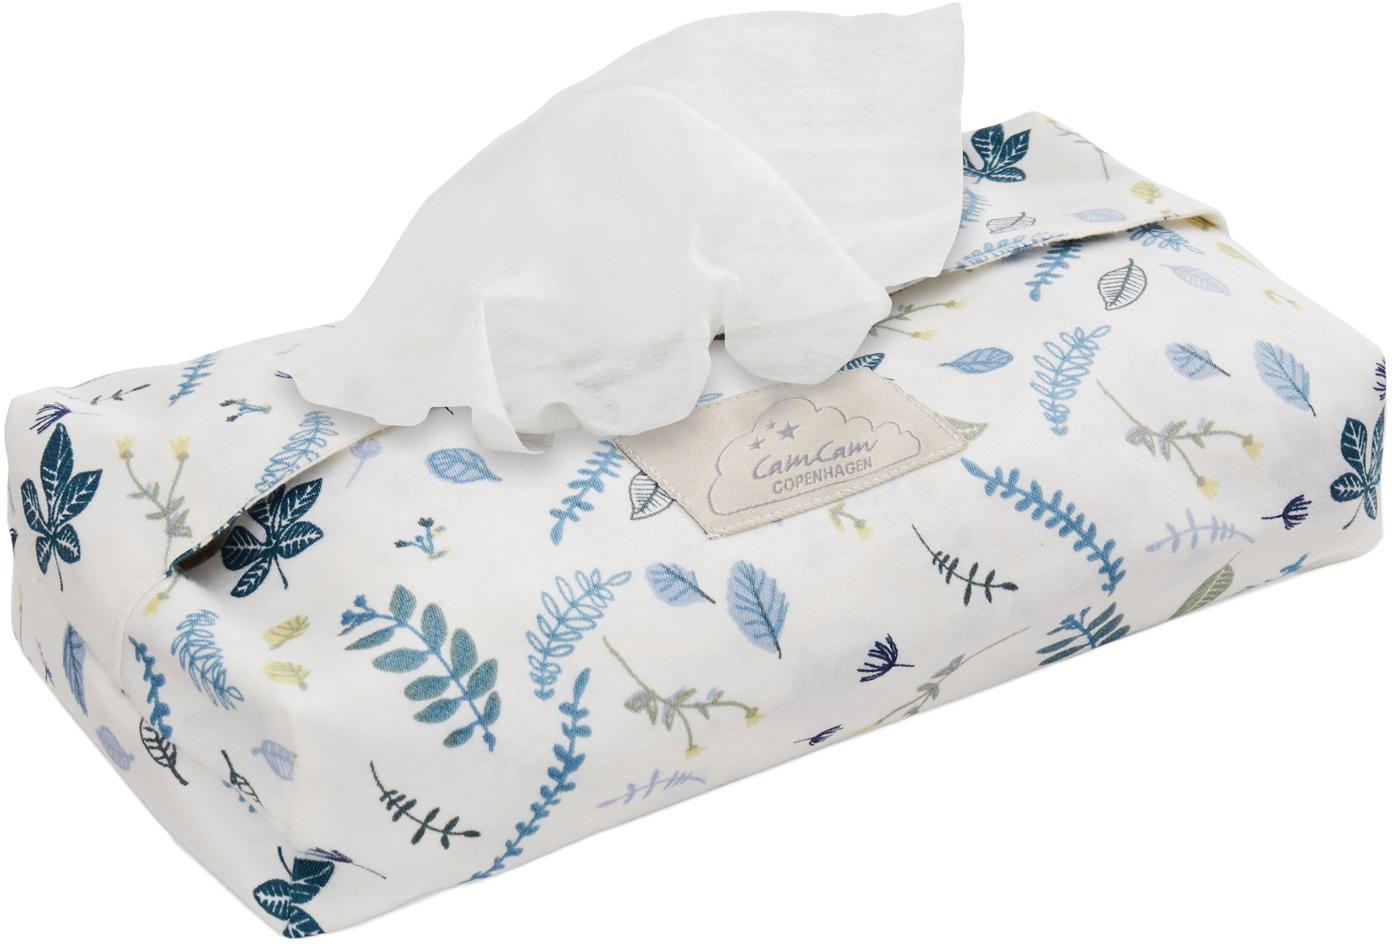 Porta salviettine in cotone organico Pressed Leaves, Cotone organico, certificato GOTS, Bianco, blu, grigio, giallo, Larg. 25 x Prof. 17 cm